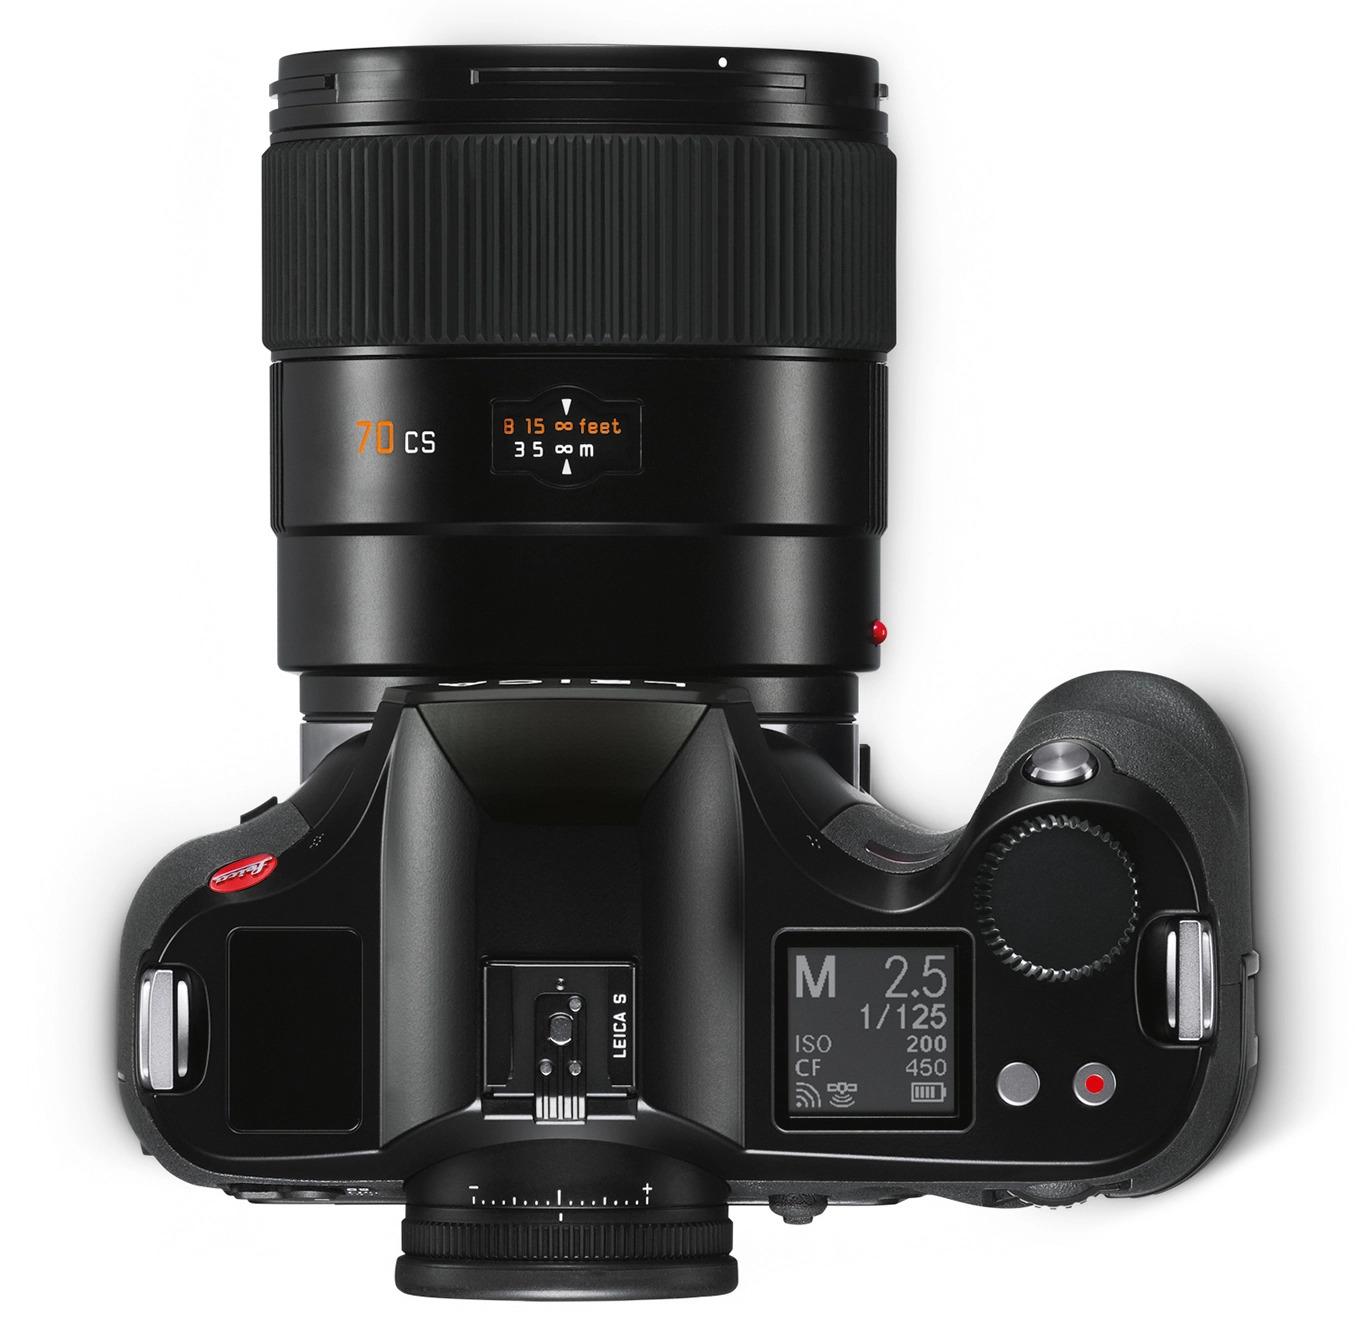 Leica S3 ra mắt với cảm biến Medium Format 64MP và quay video 4K - 5